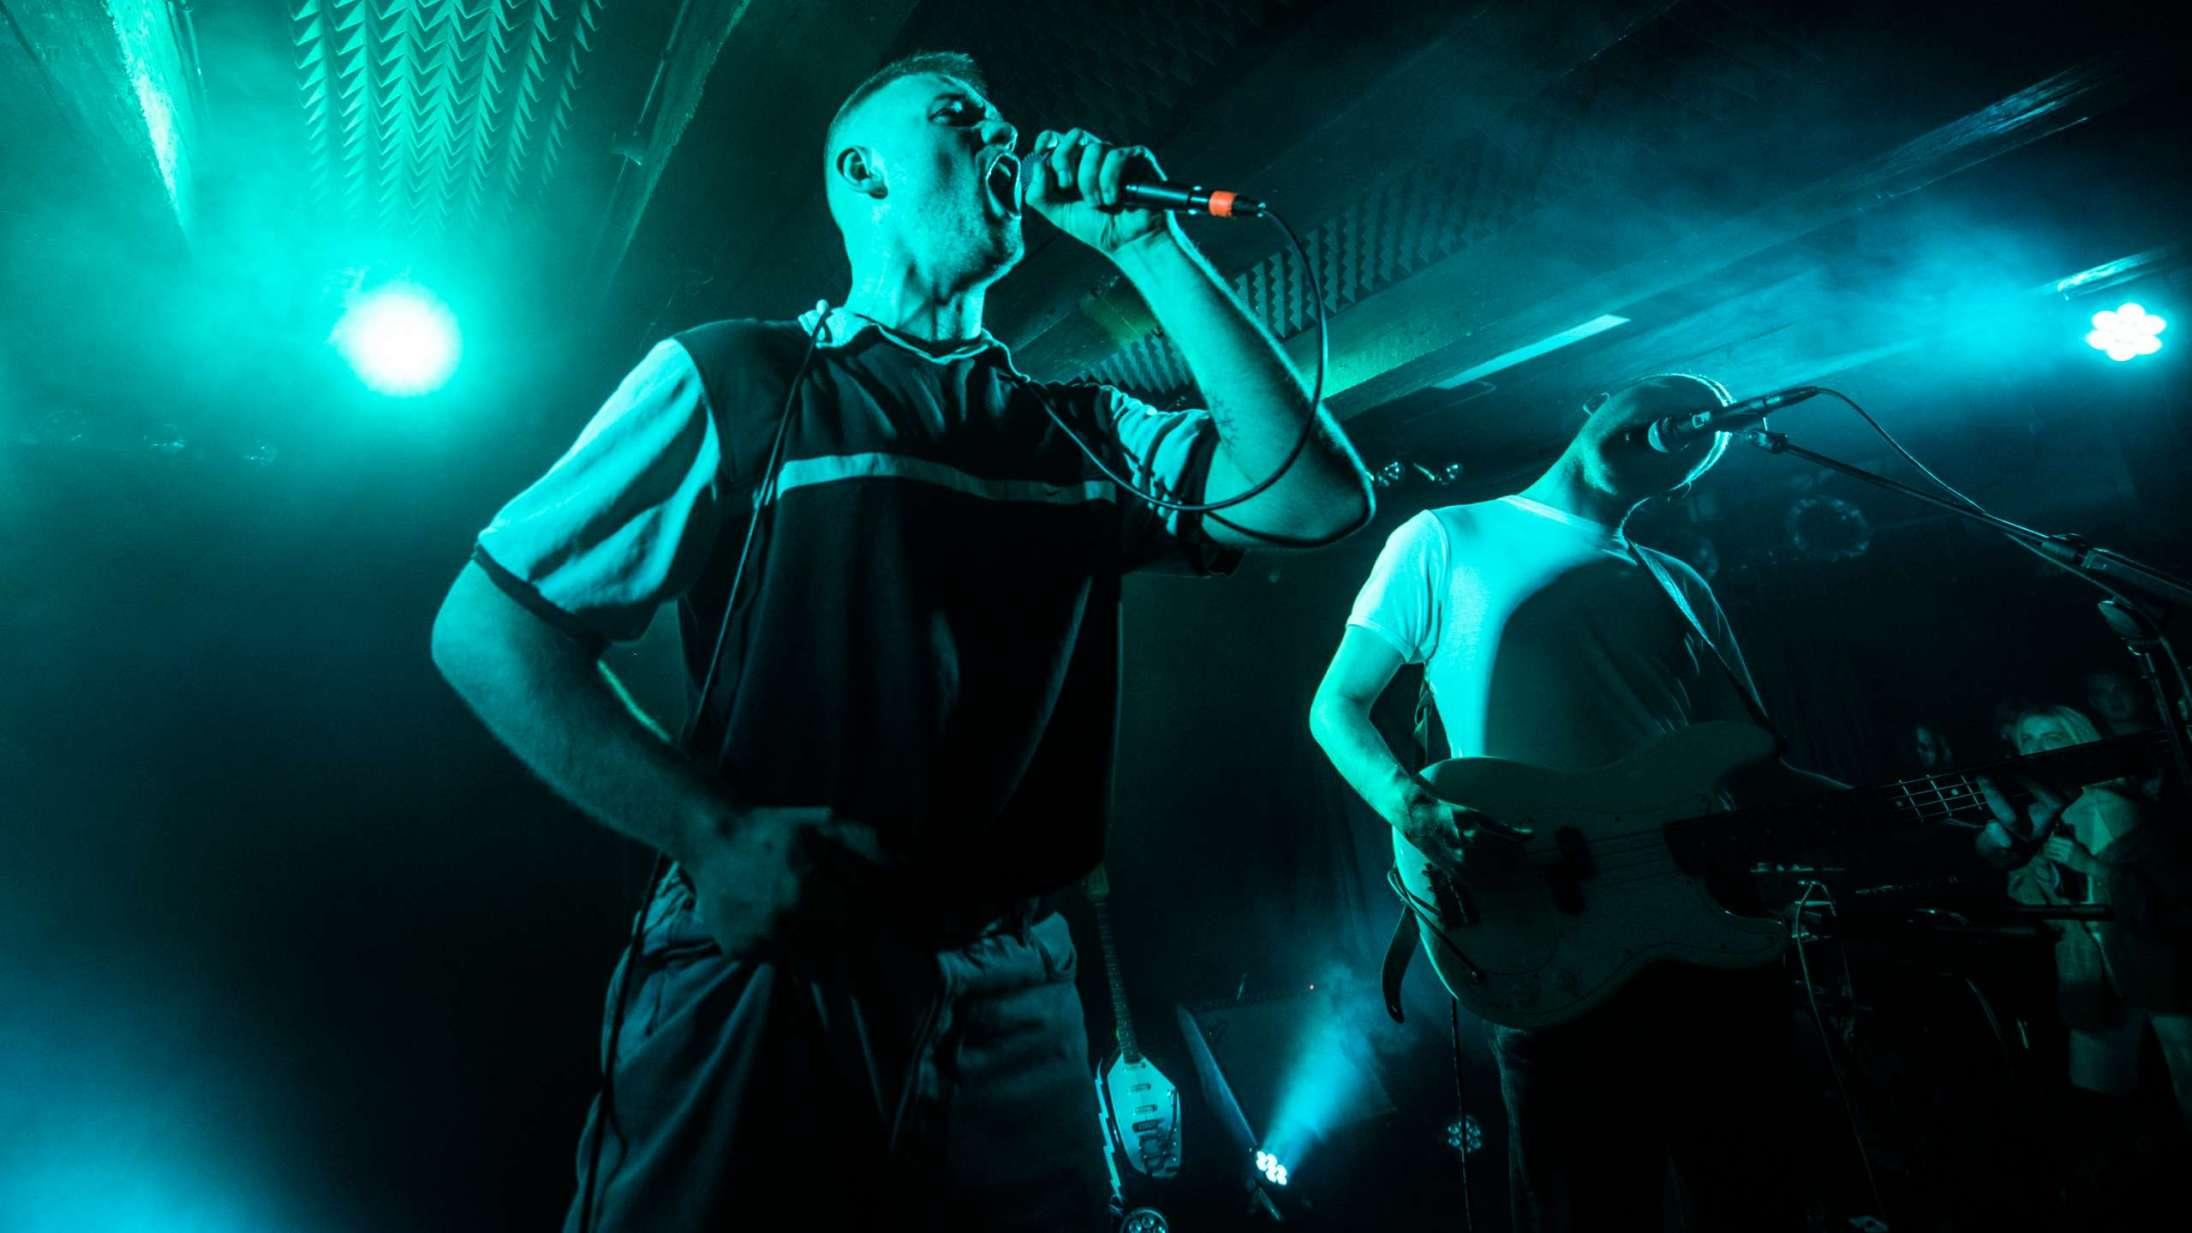 Joyce varmede op til Roskilde Festival med eksplosiv og kompakt Loppen-koncert